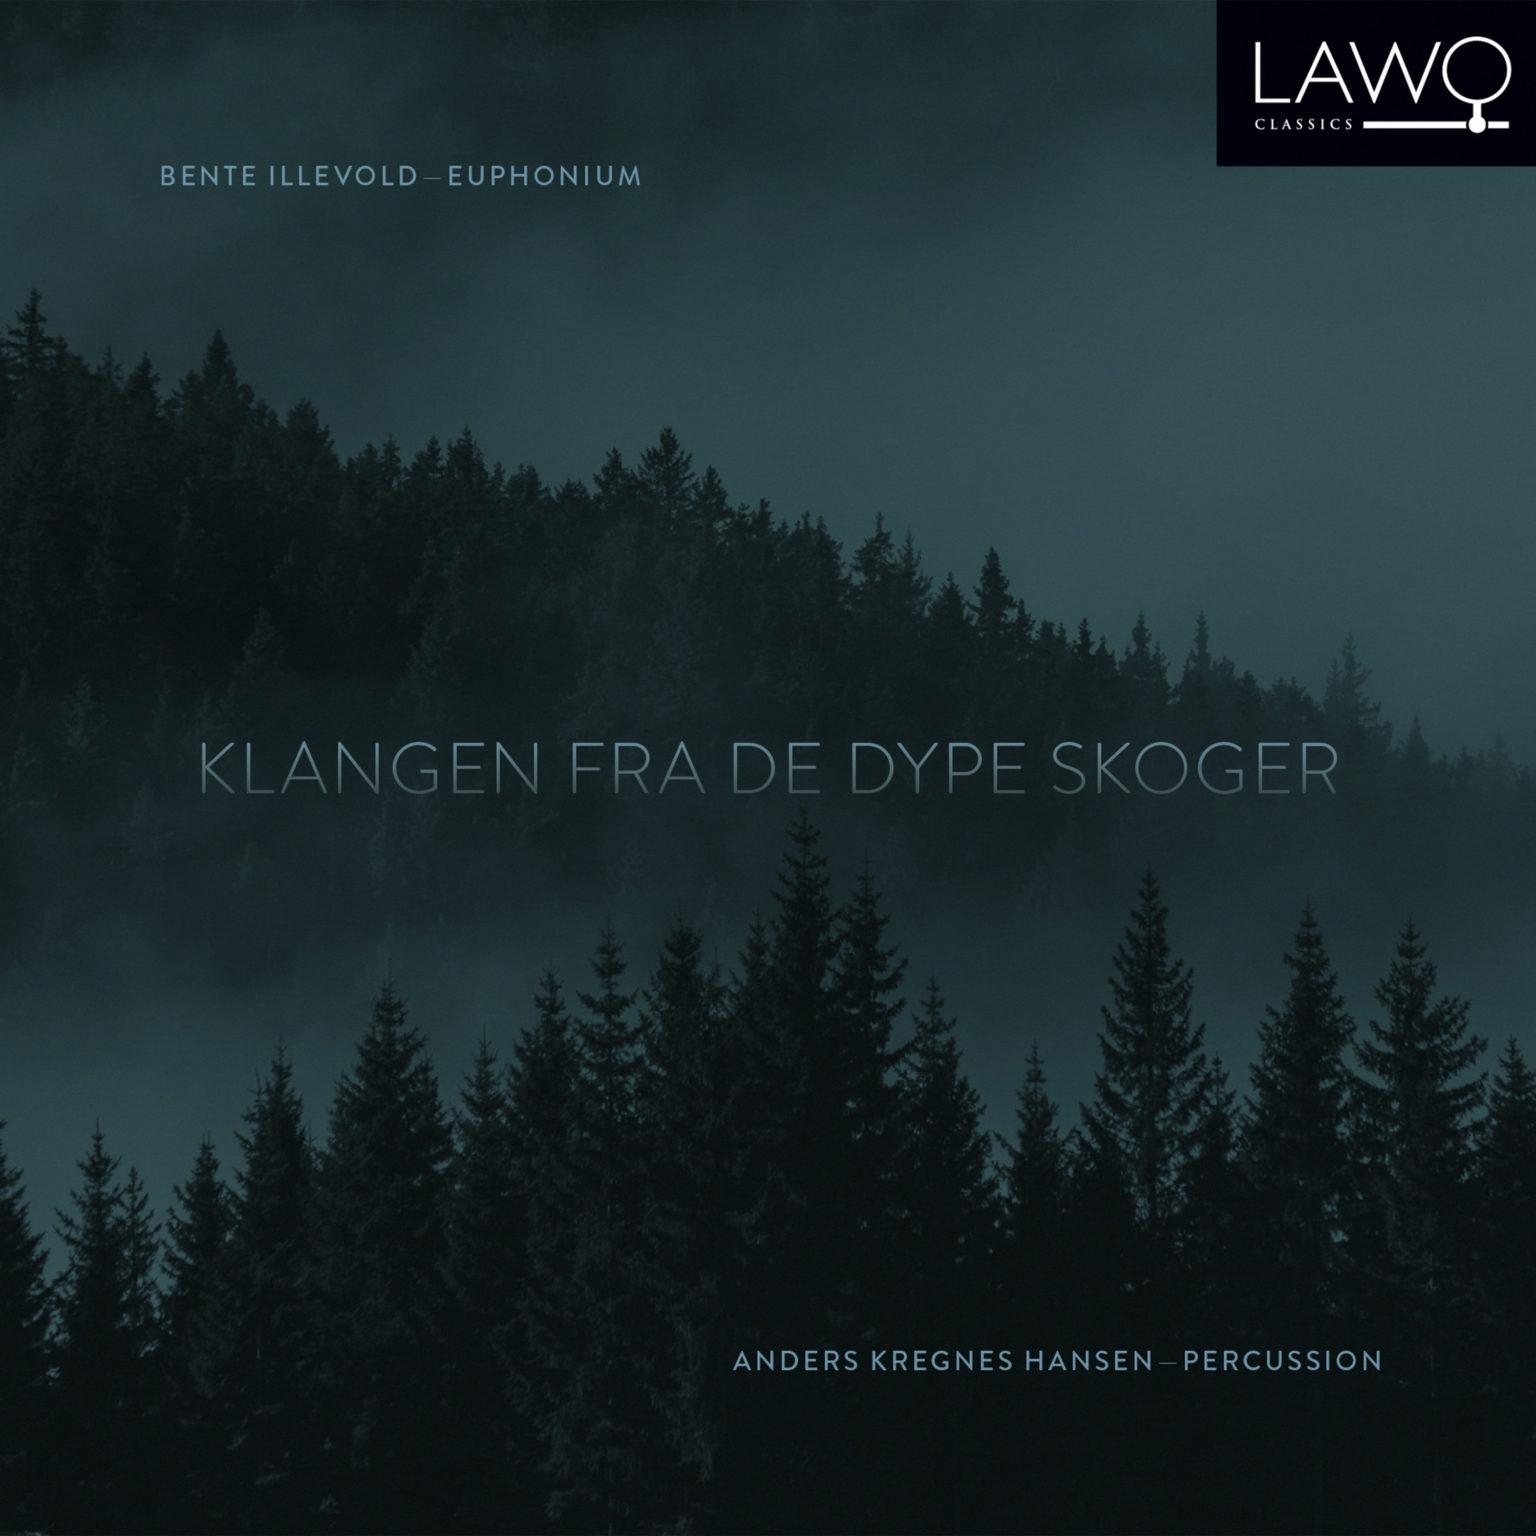 Click image for larger version.  Name:LWC1195_Bente_Illevold_Klangen_fra_de_dype_skoger_cover_3000x3000px-1536x1536.jpg Views:180 Size:174.8 KB ID:7720